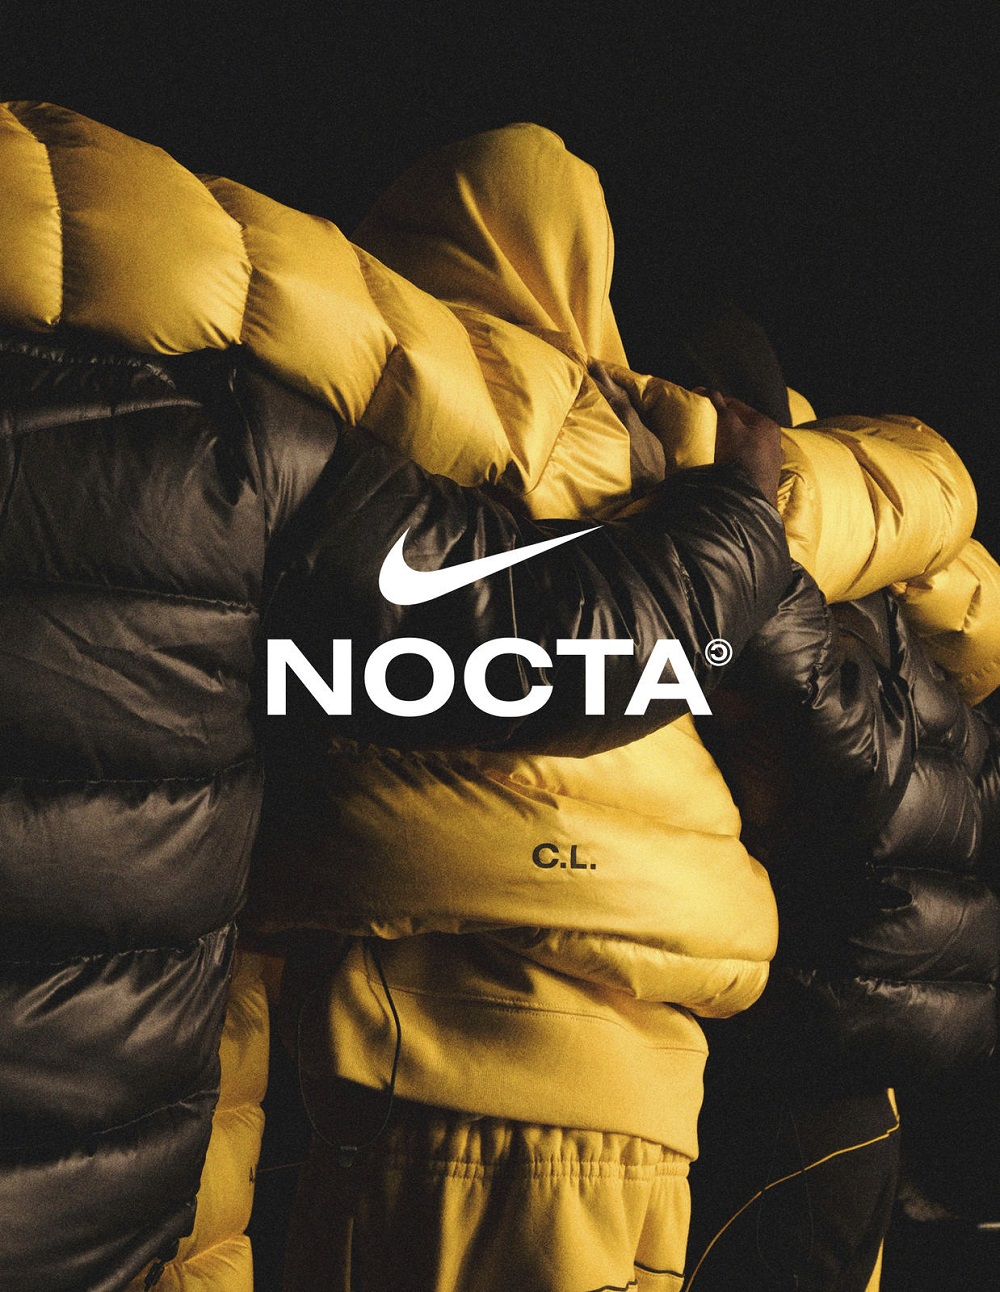 Drake x Nike NOCTA